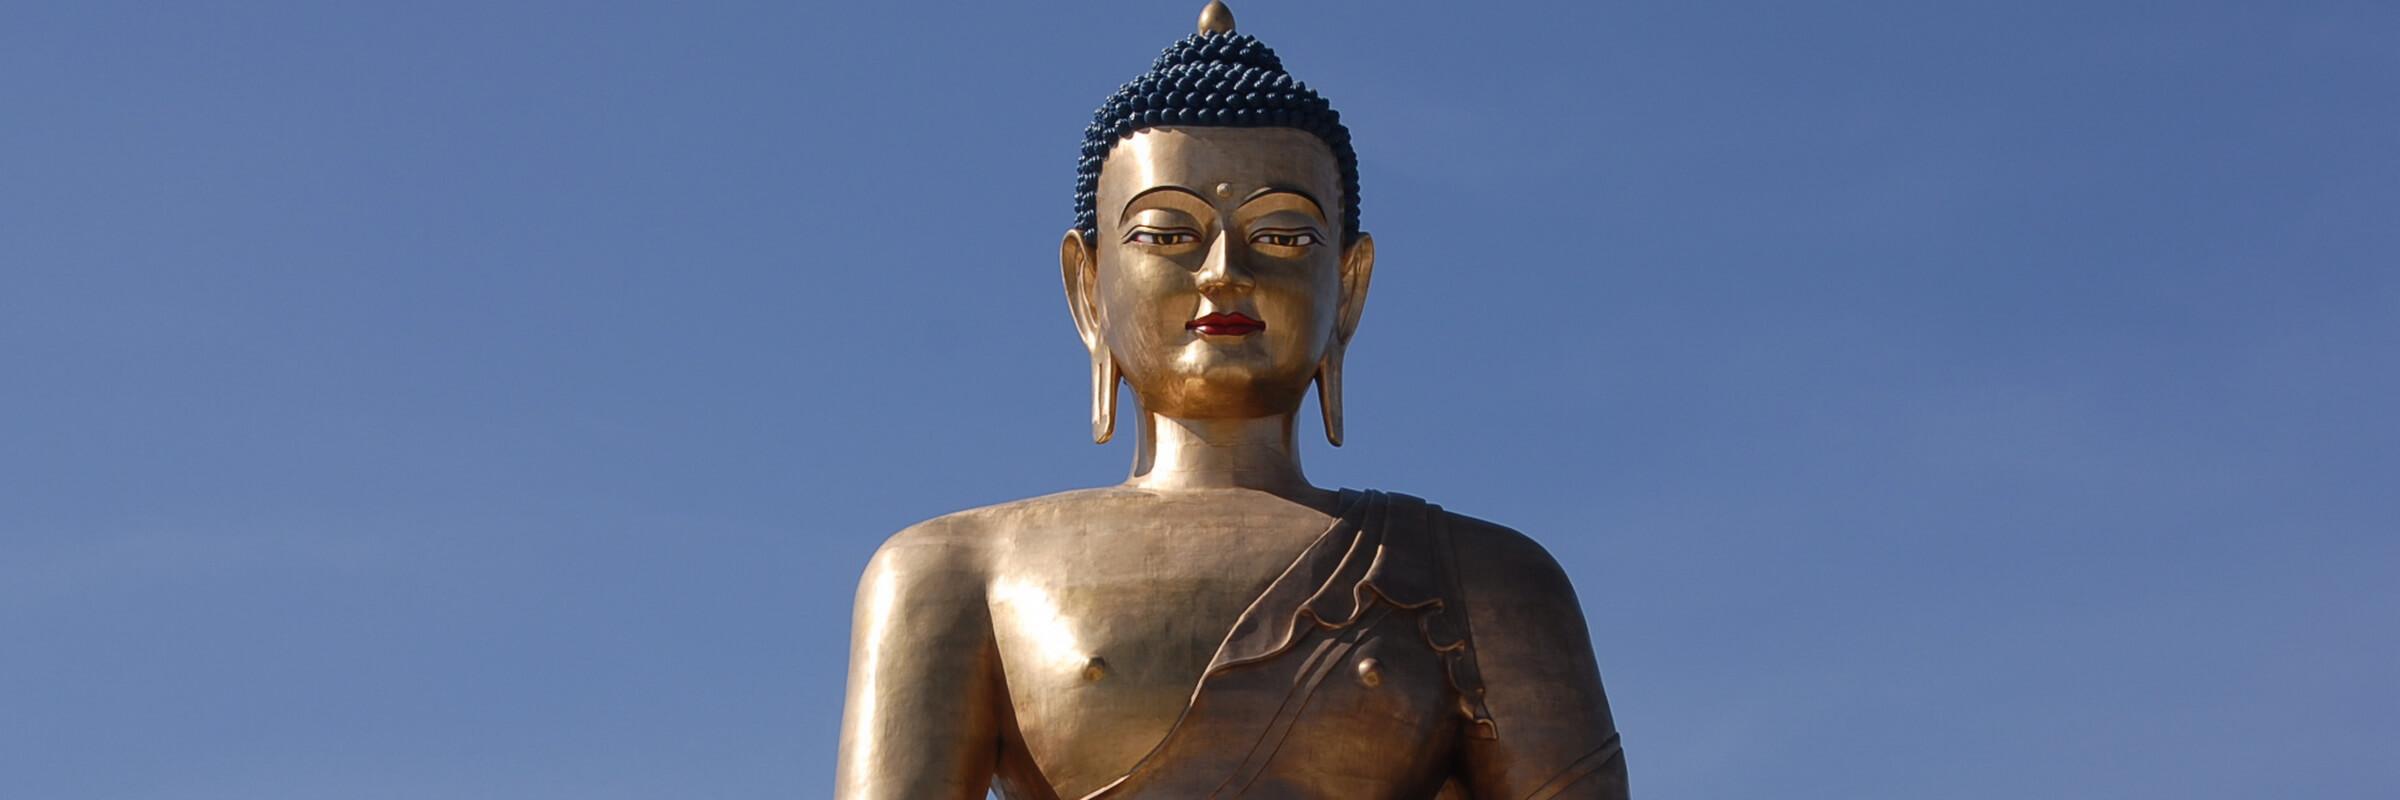 Die gigantische, vergoldete Buddha Dordenma Statue steht auf einem Hügel im Süden von Thimphu, der Hauptstadt Bhutans.